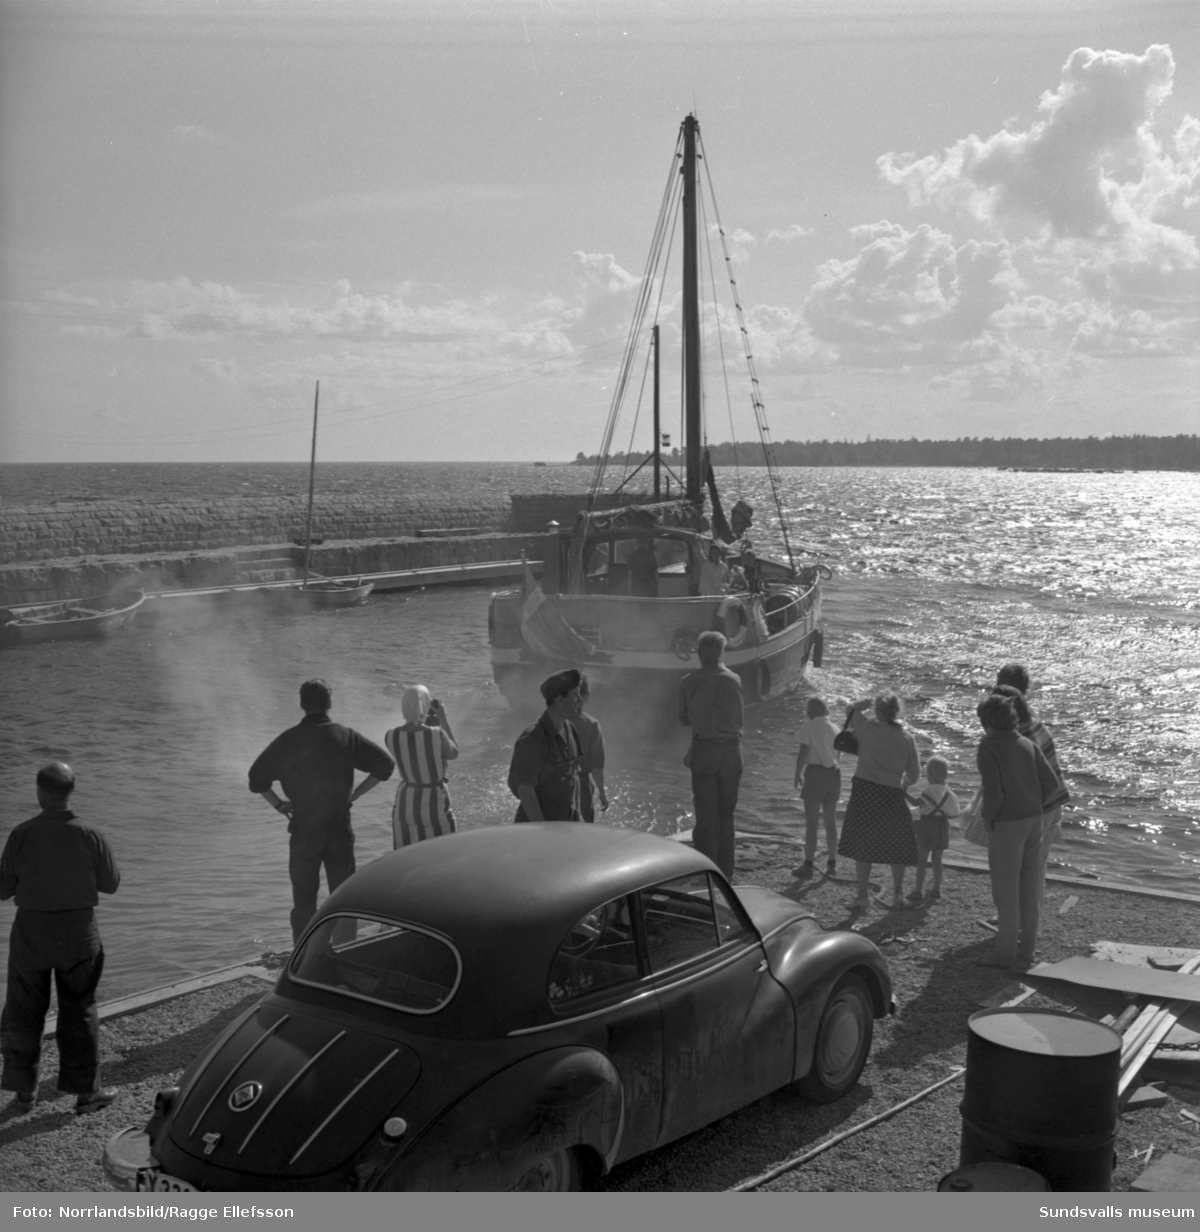 Semestrare i fiskebåt lämnar Lörudden.